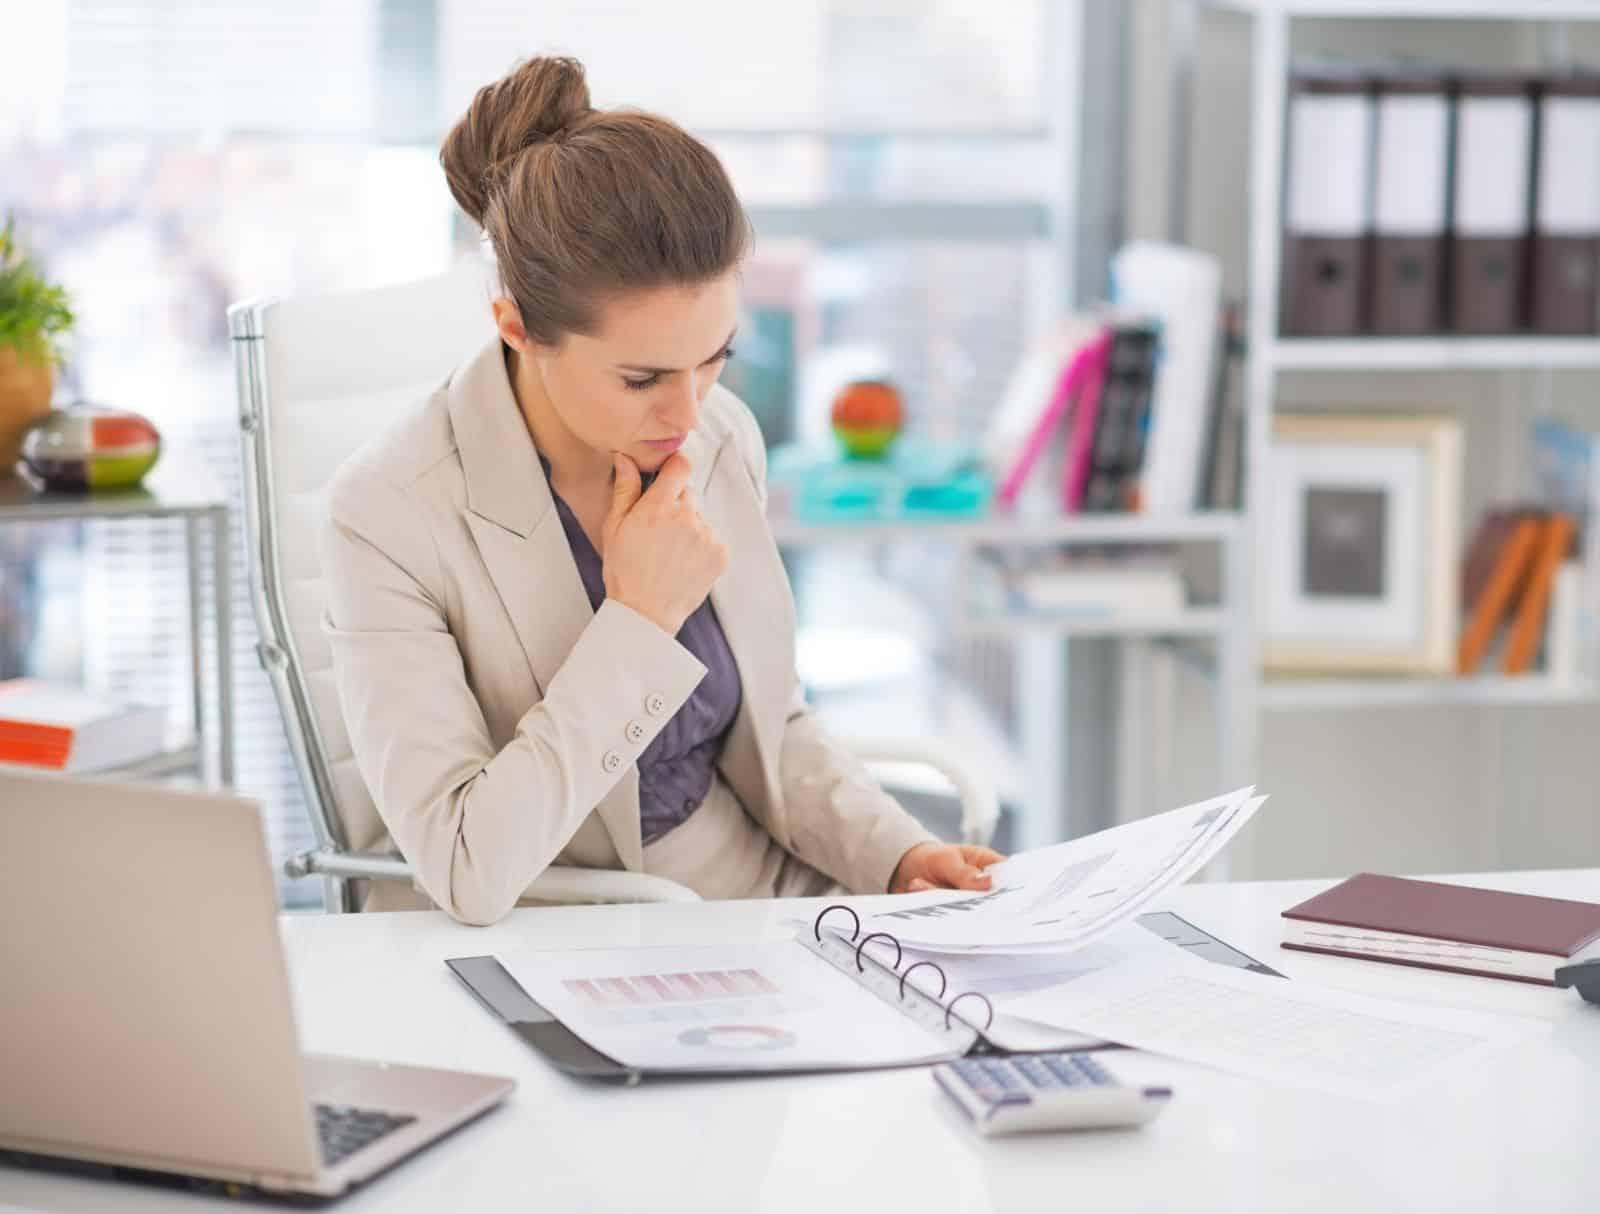 Нужен бухгалтер на удаленке обязателен ли бухгалтер в штате ооо